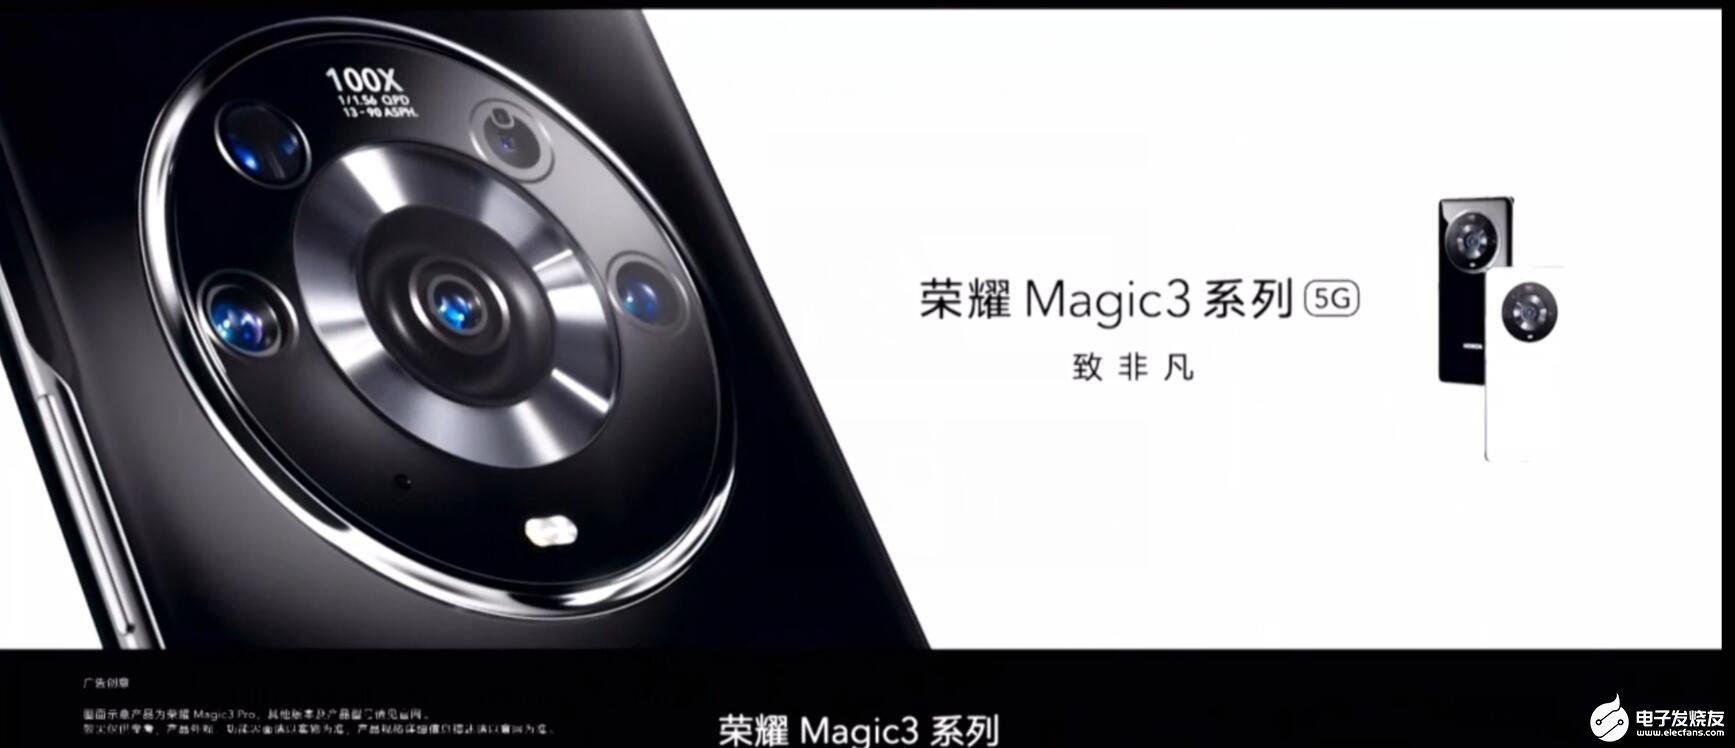 樂魚電競_6.1Gbps最高下載速率!四攝影像最高2.4億像素!榮耀Magic3系列橫空出世 四大黑科技加持全面超越iPhone12系列